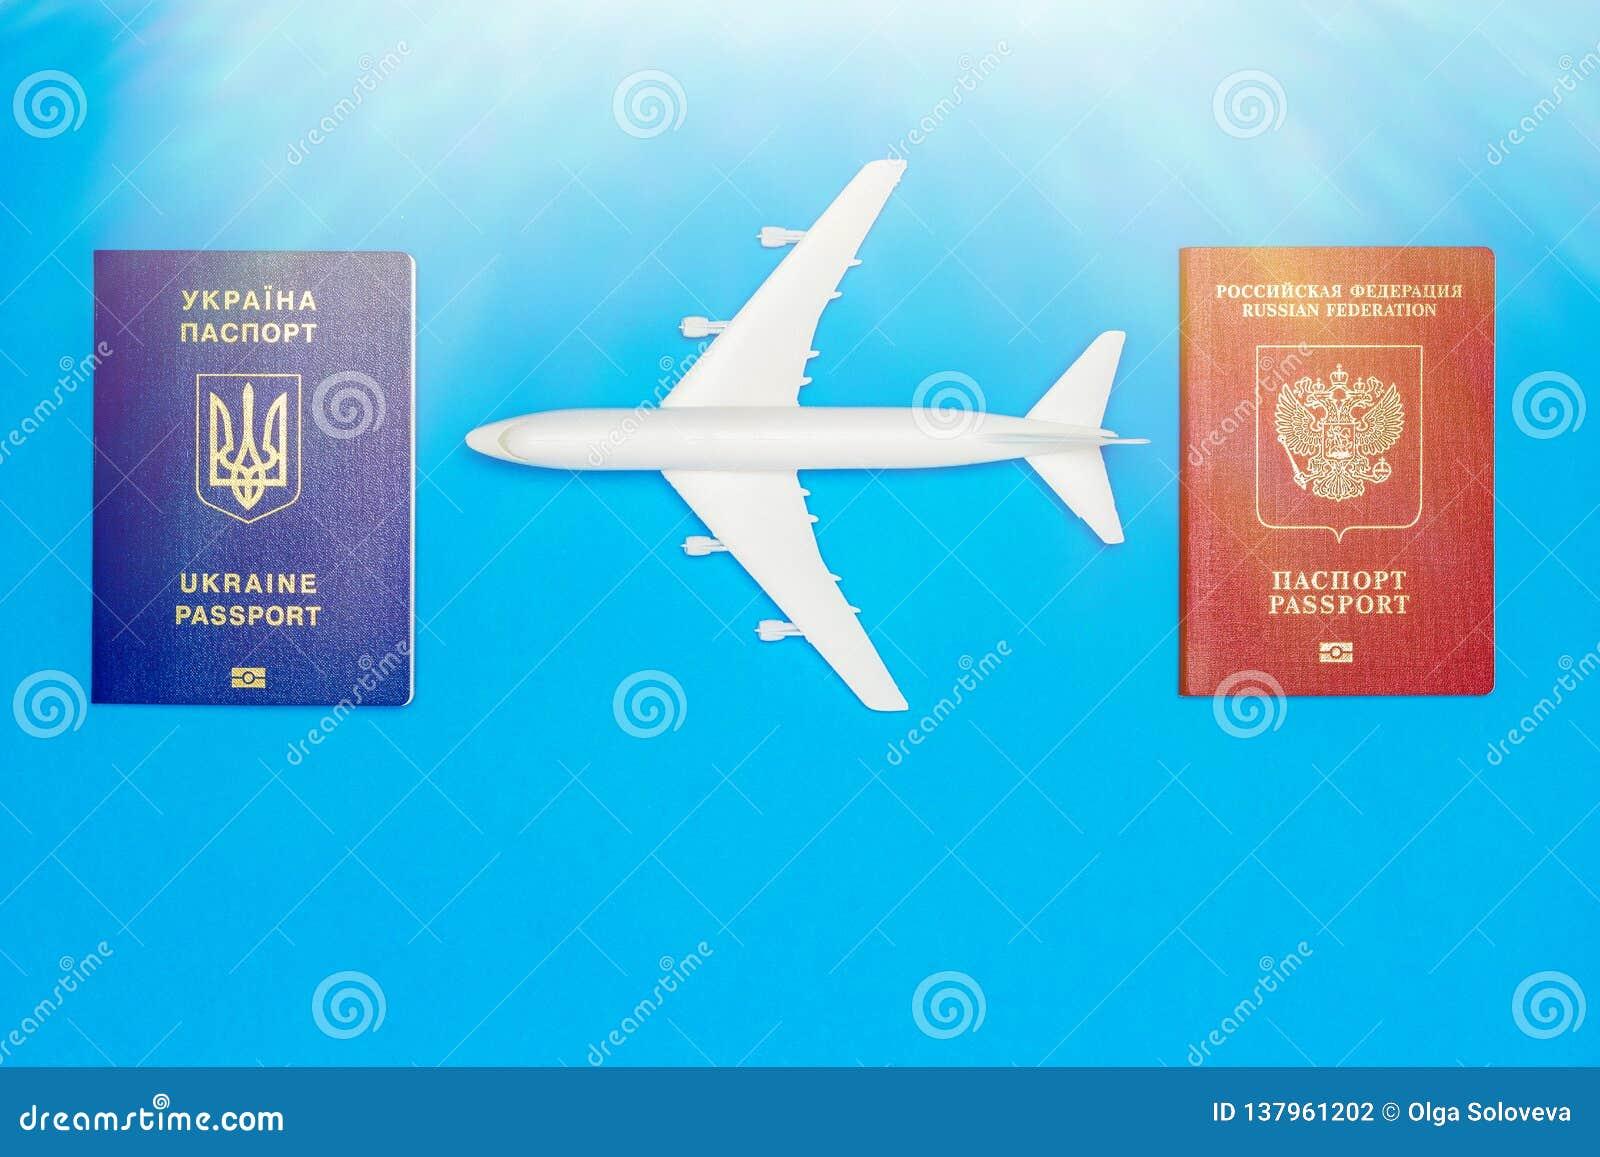 Passaportes ucranianos e do russo e modelos do avião O conceito da ressunção do tráfico aéreo entre países